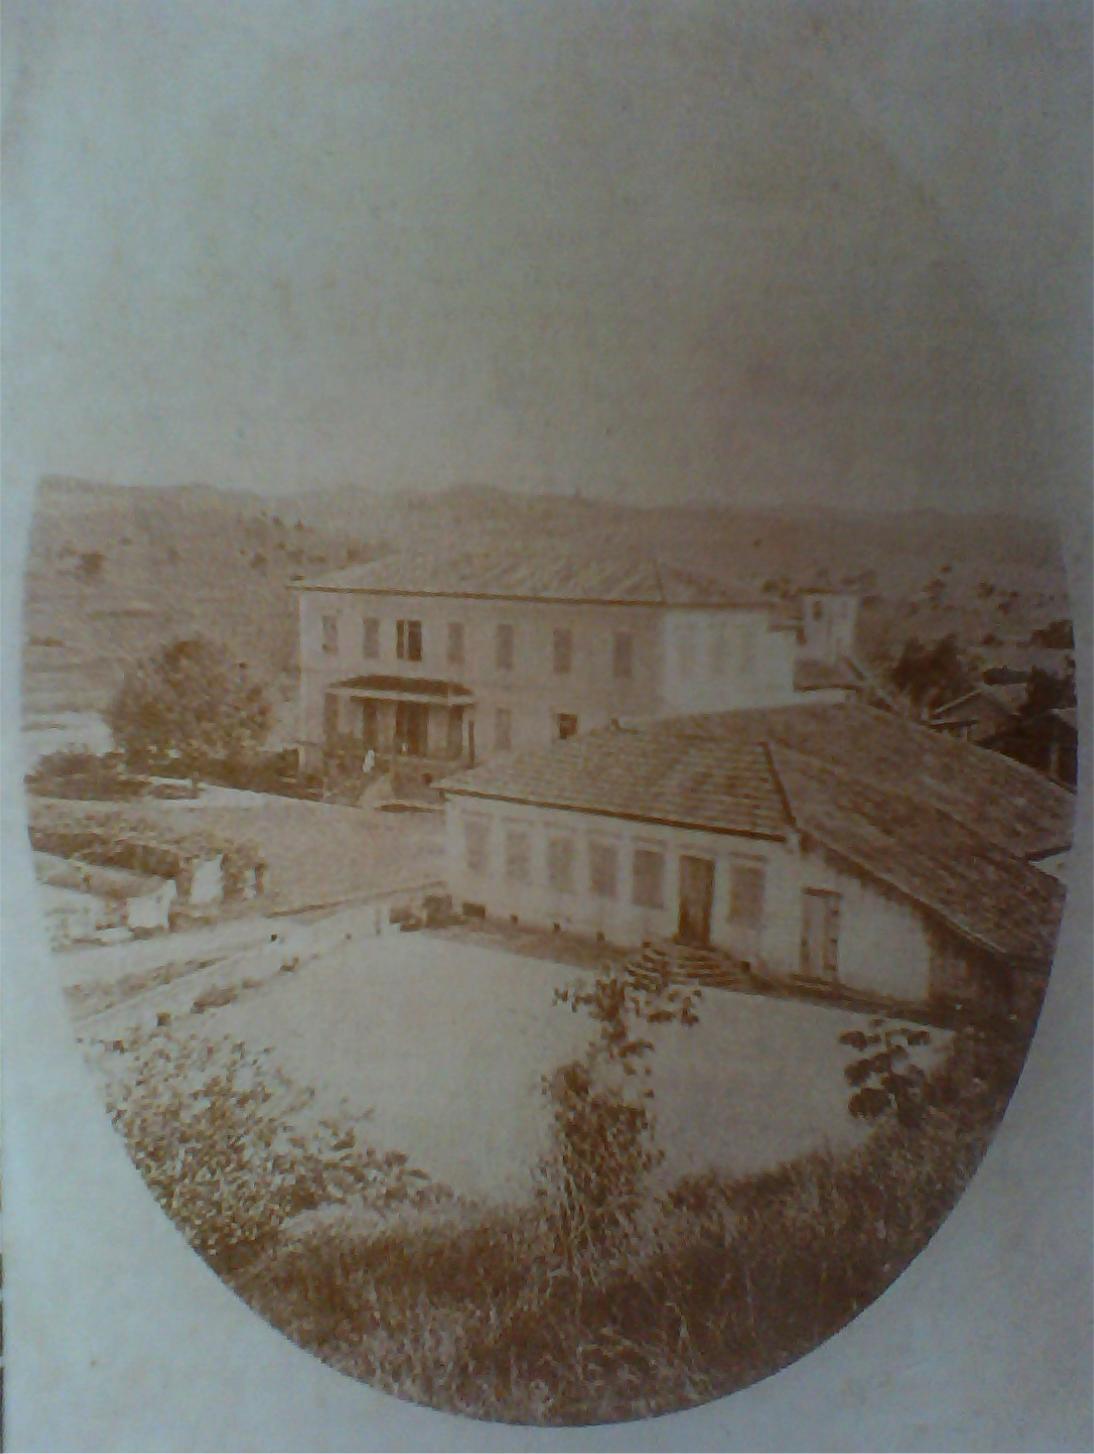 Fazenda Itaim pertenceu ao Comendador José Pereira da Rocha Paranhos